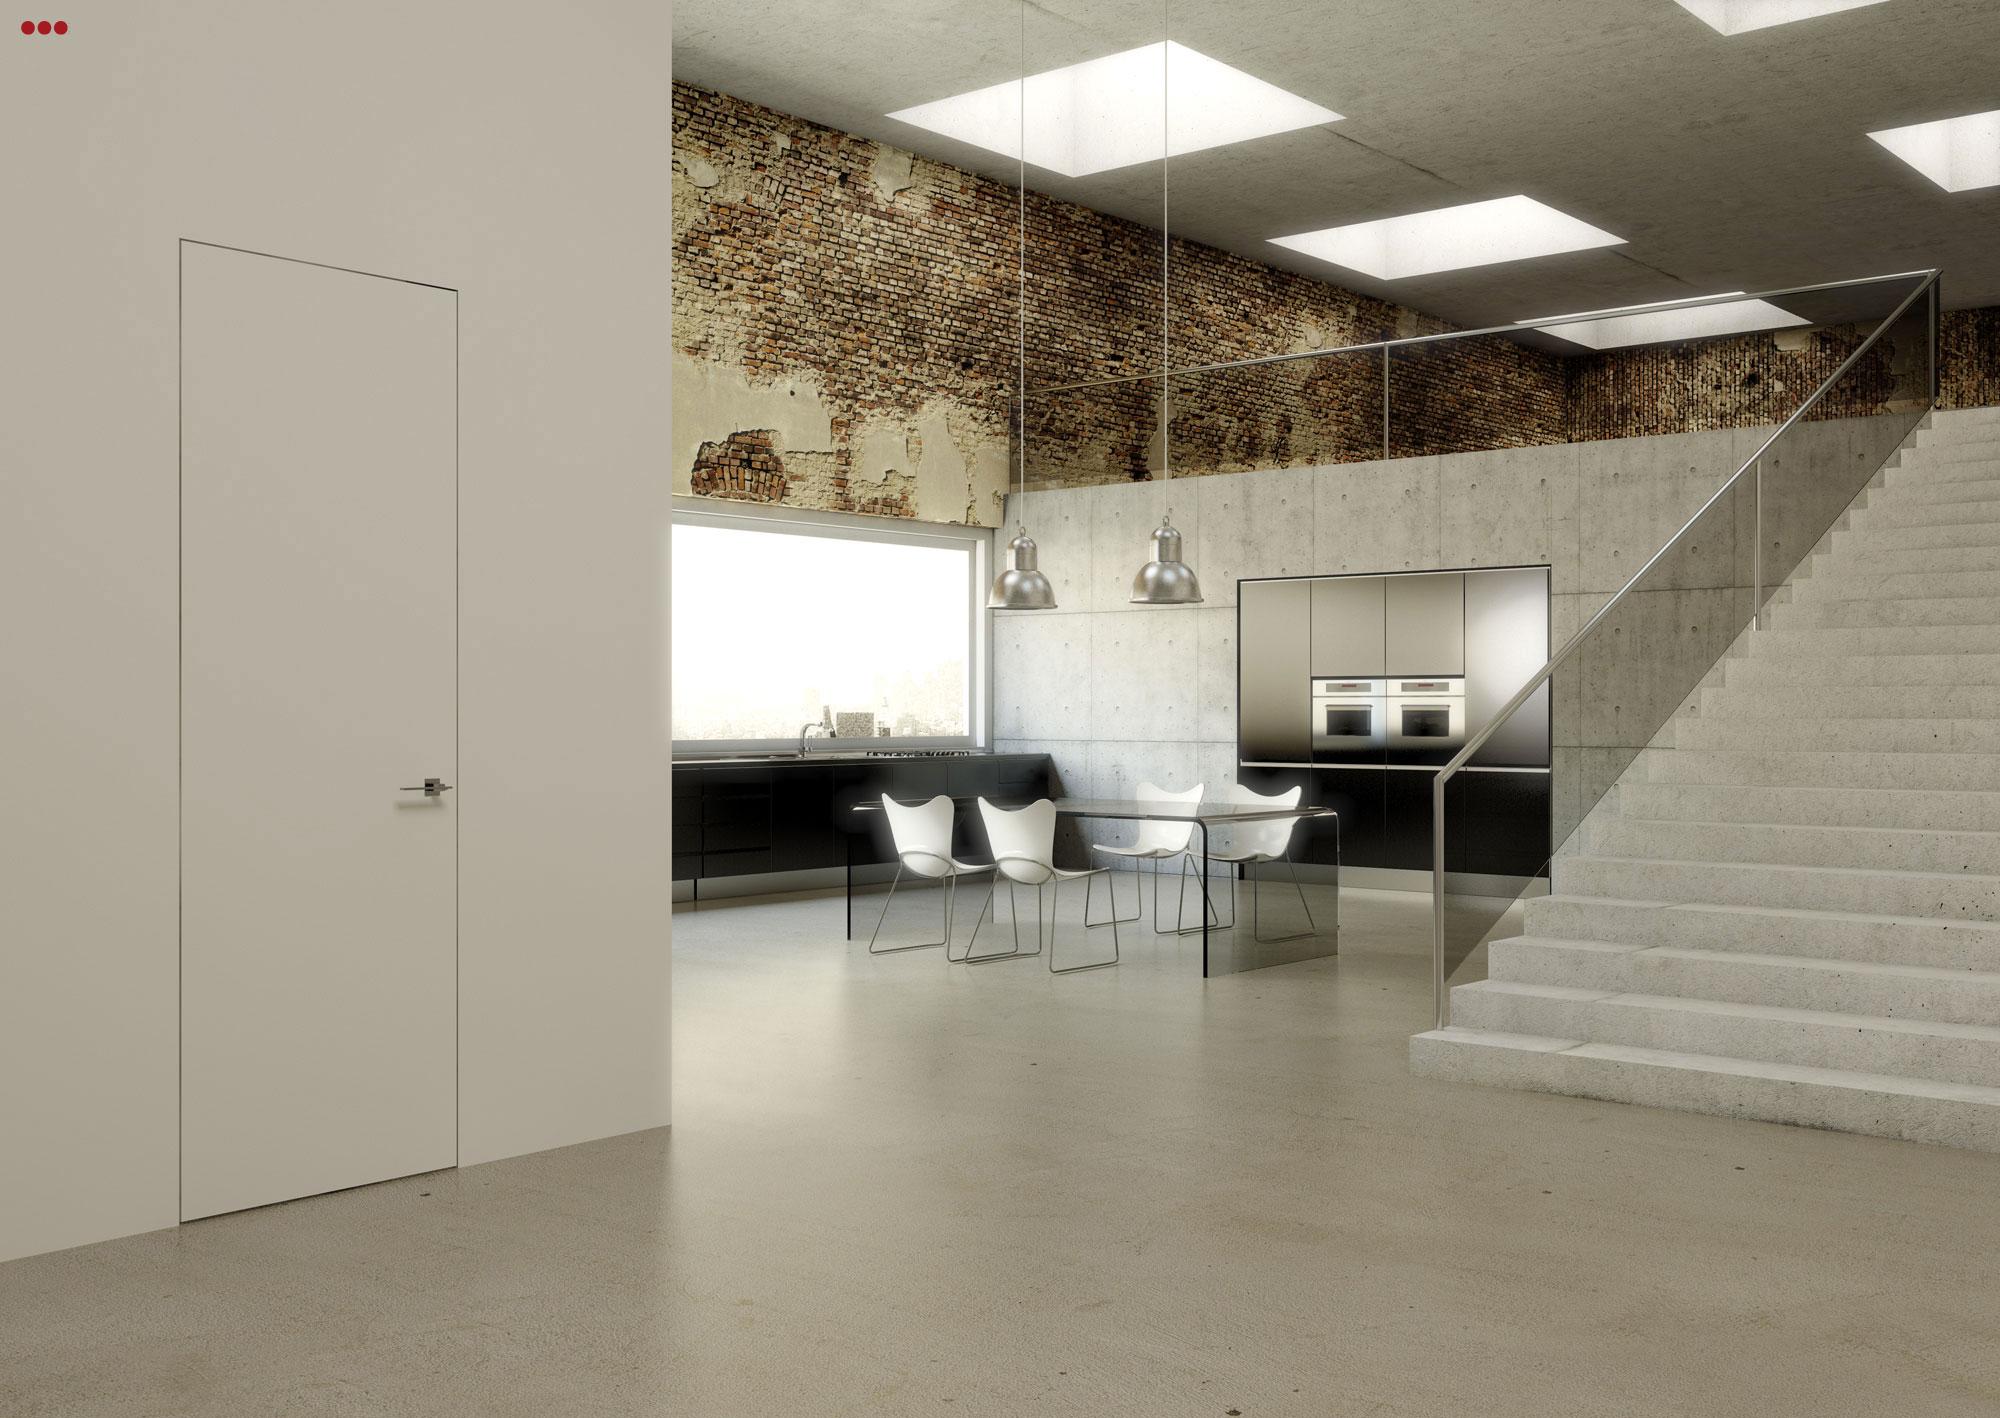 Studio Bartolini Morciano di Romagna catalogo Mito Filomuro rendering modeling 3D 4